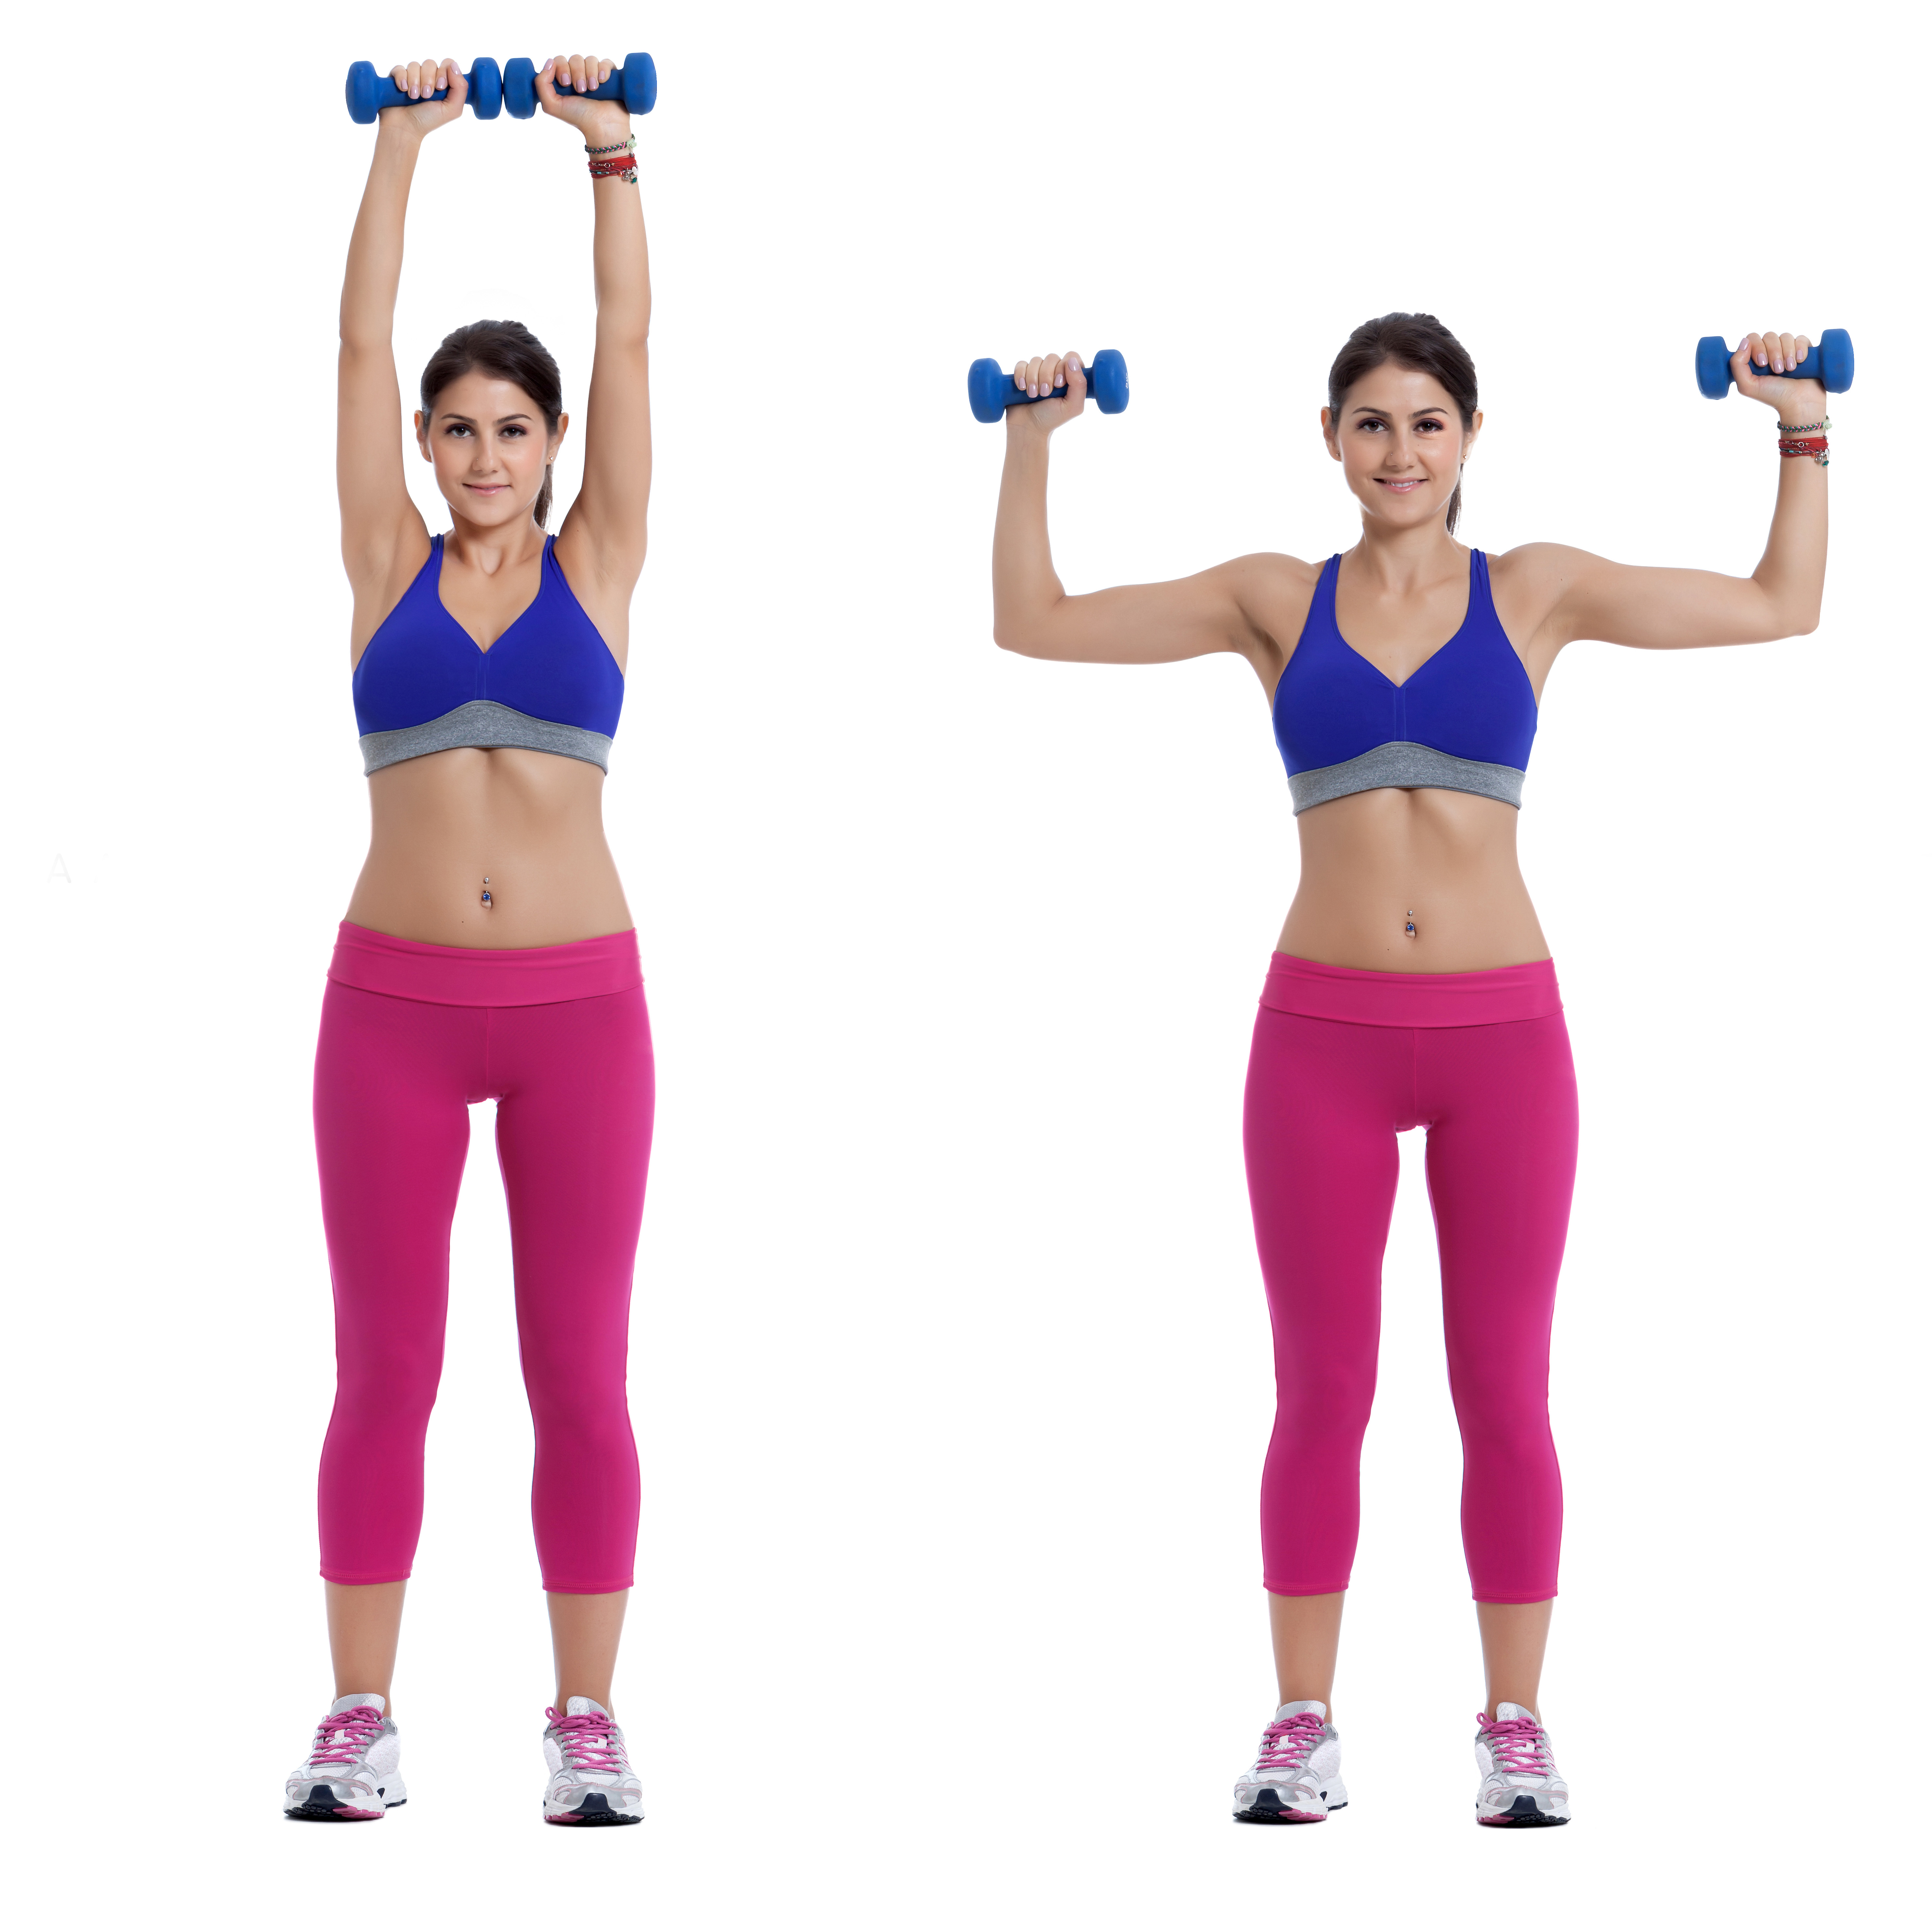 Home Workout Series : ท่าออกกำลังง่ายๆ ในบ้าน มาดูกัน